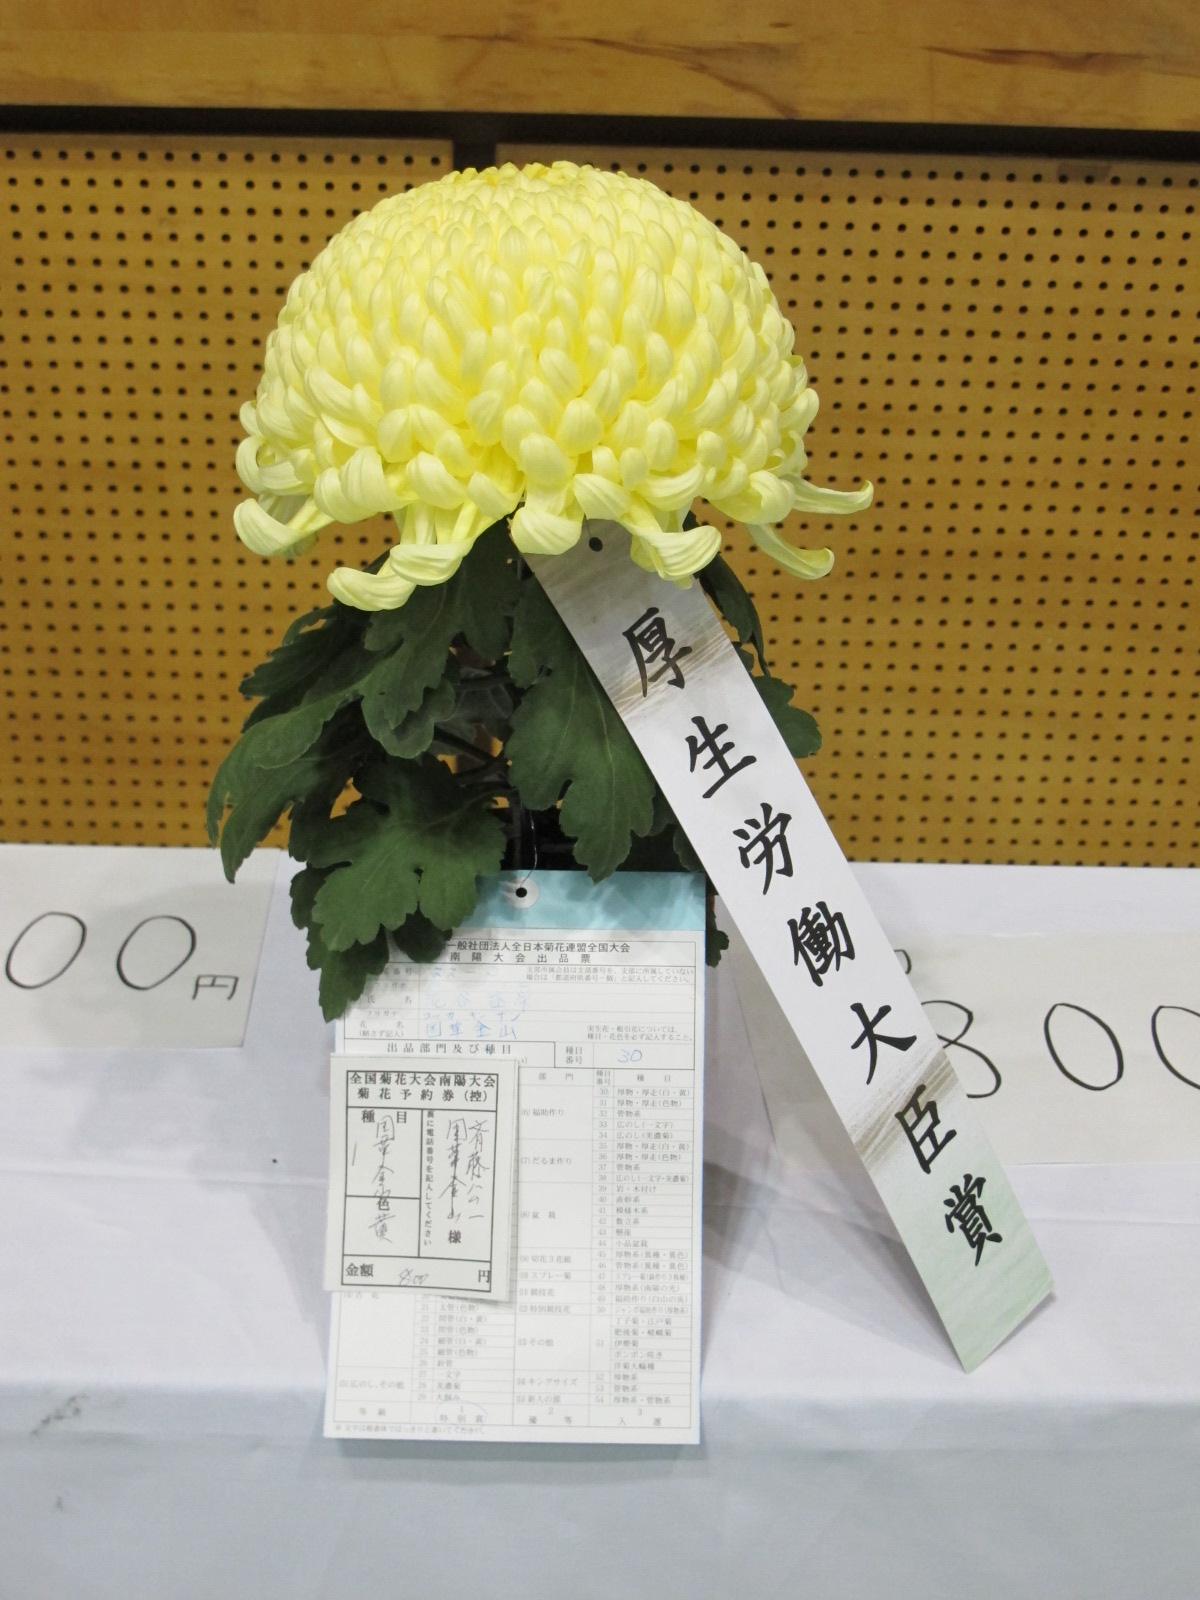 第100回 南陽の菊まつり展(6)_c0075701_1732536.jpg